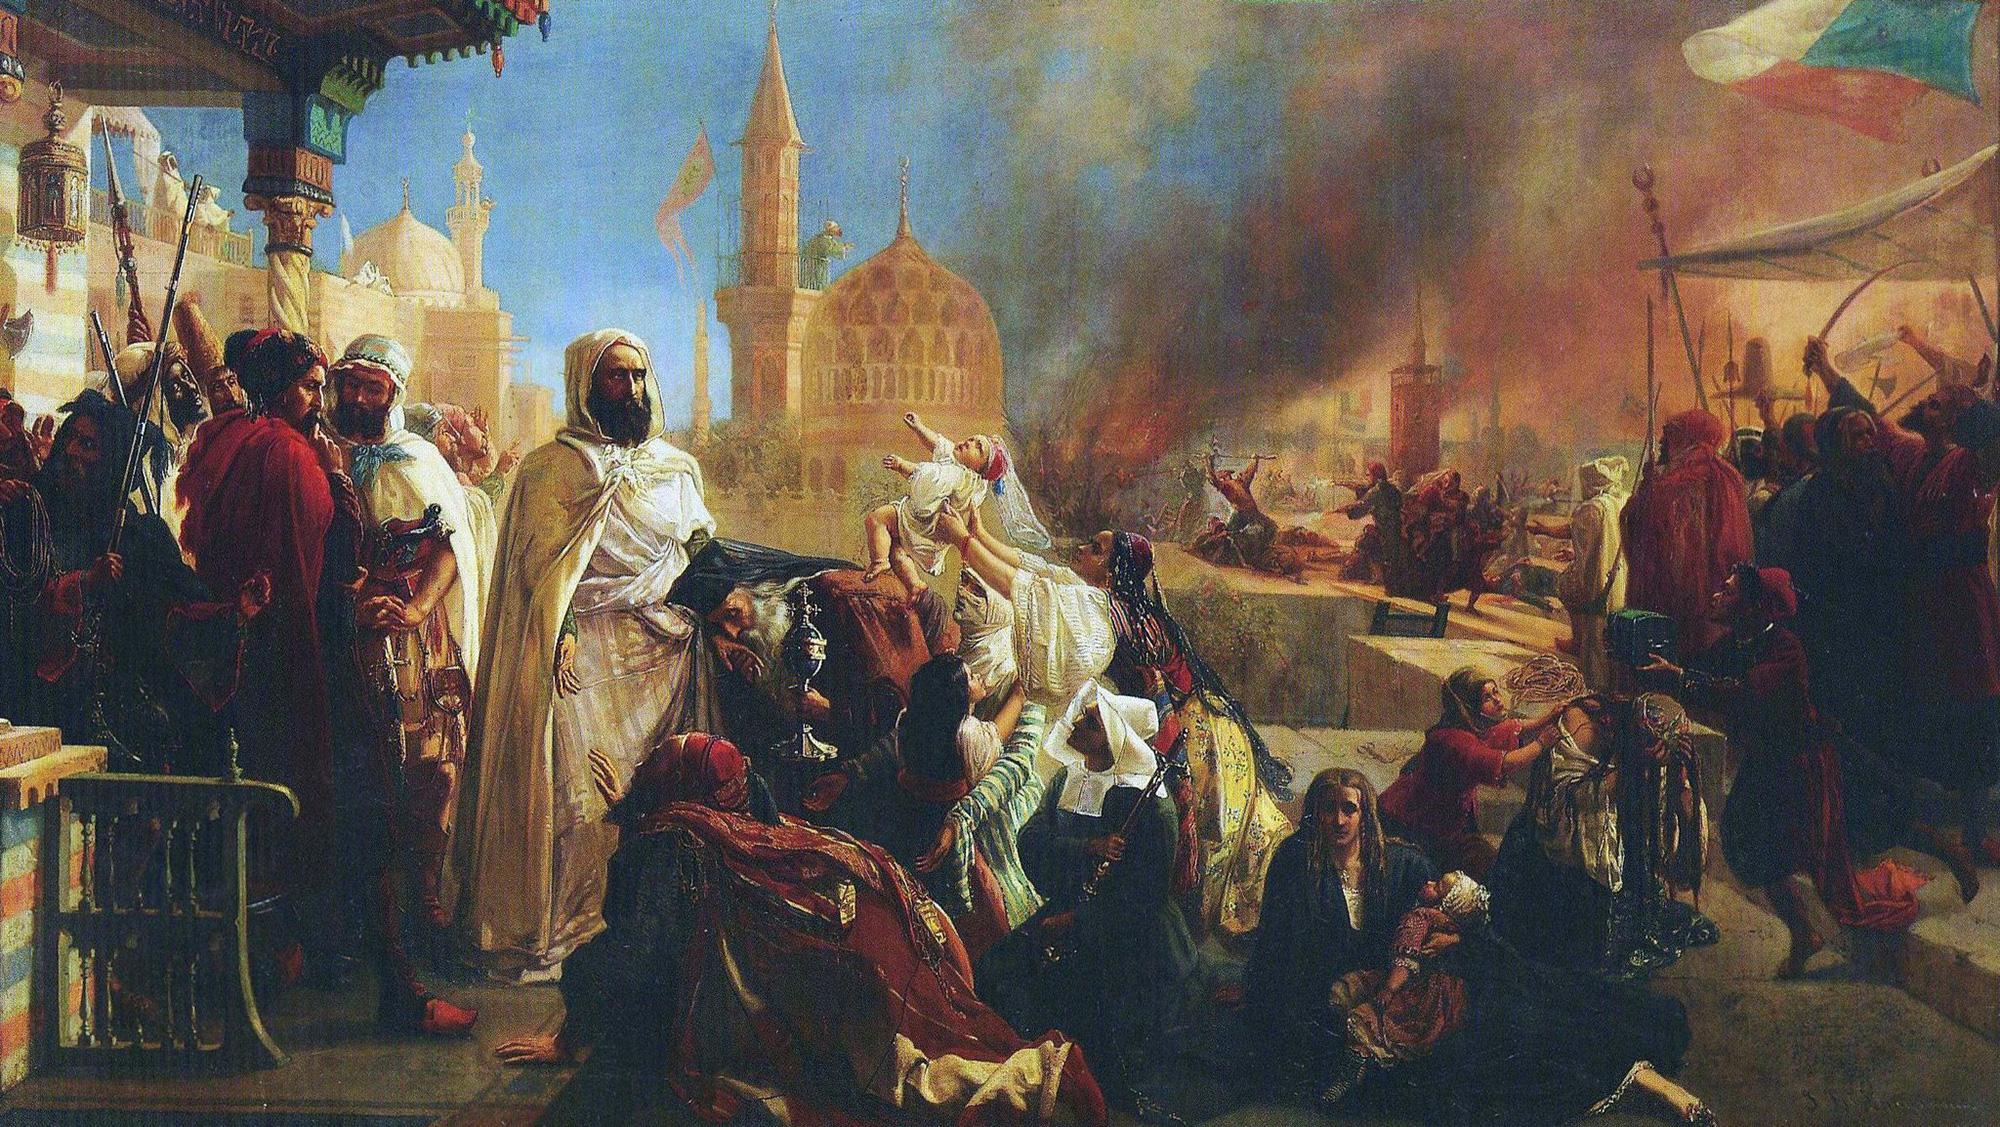 Ж.-Б. Хёйсманс. Абд аль-Кадир берёт под свою защиту христиан Дамаска, избиваемых друзами